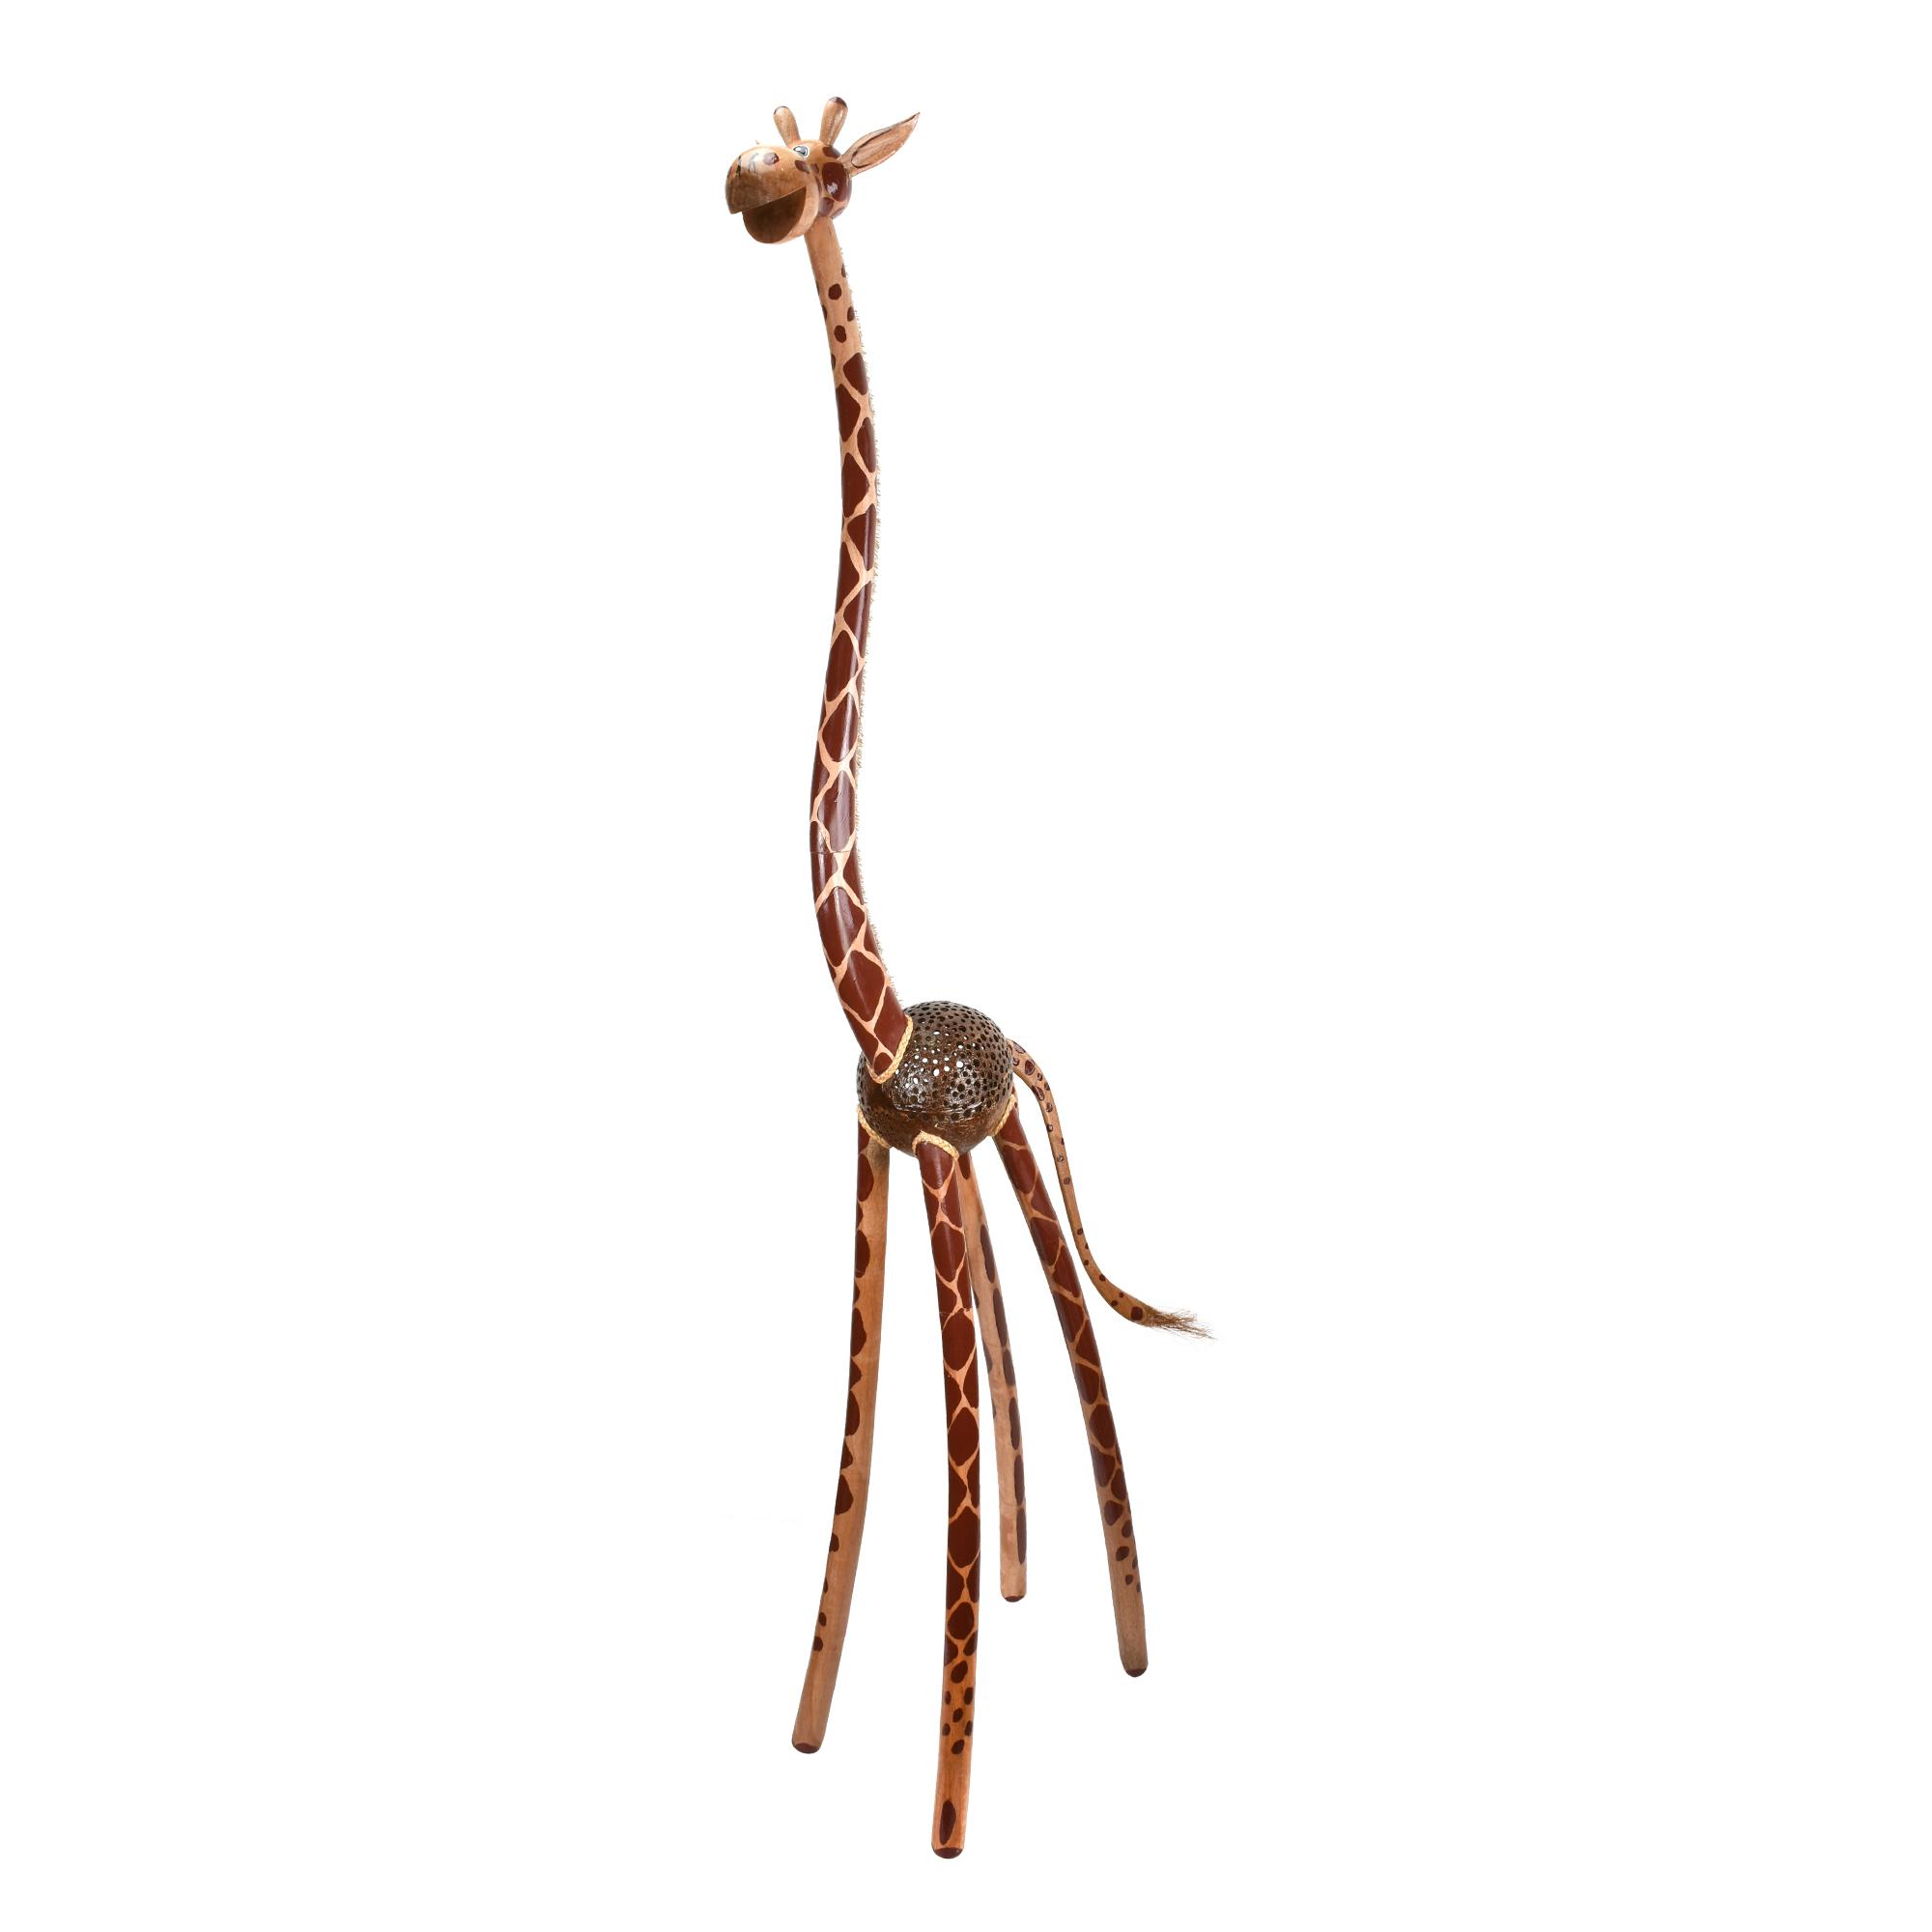 Extra Tall 5 Giraffe Hand Carved Wooden African Statue Sculpture